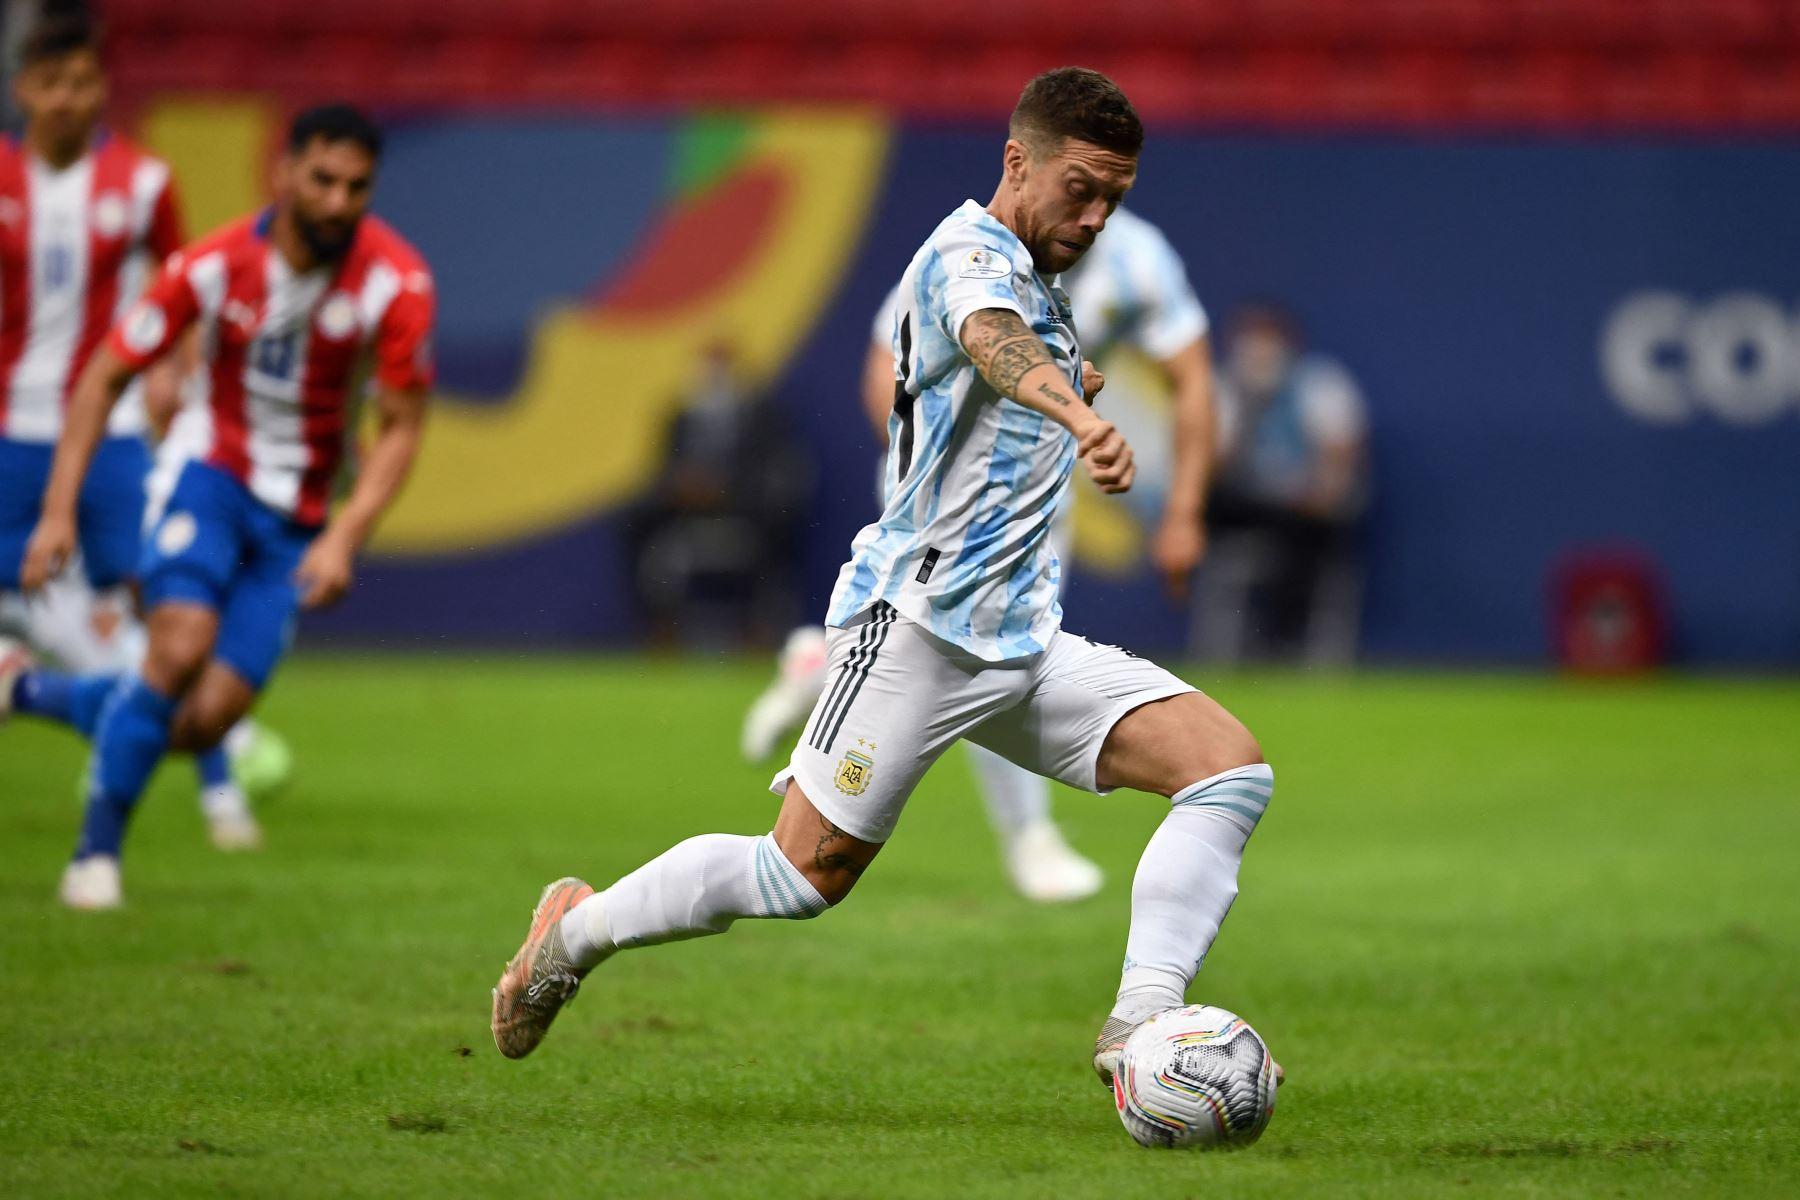 El argentino Alejandro Gómez controla el balón durante el partido de la fase de grupos del torneo de fútbol Conmebol Copa América 2021 entre Argentina y Paraguay en el Estadio Mane Garrincha de Brasilia. Foto: AFP